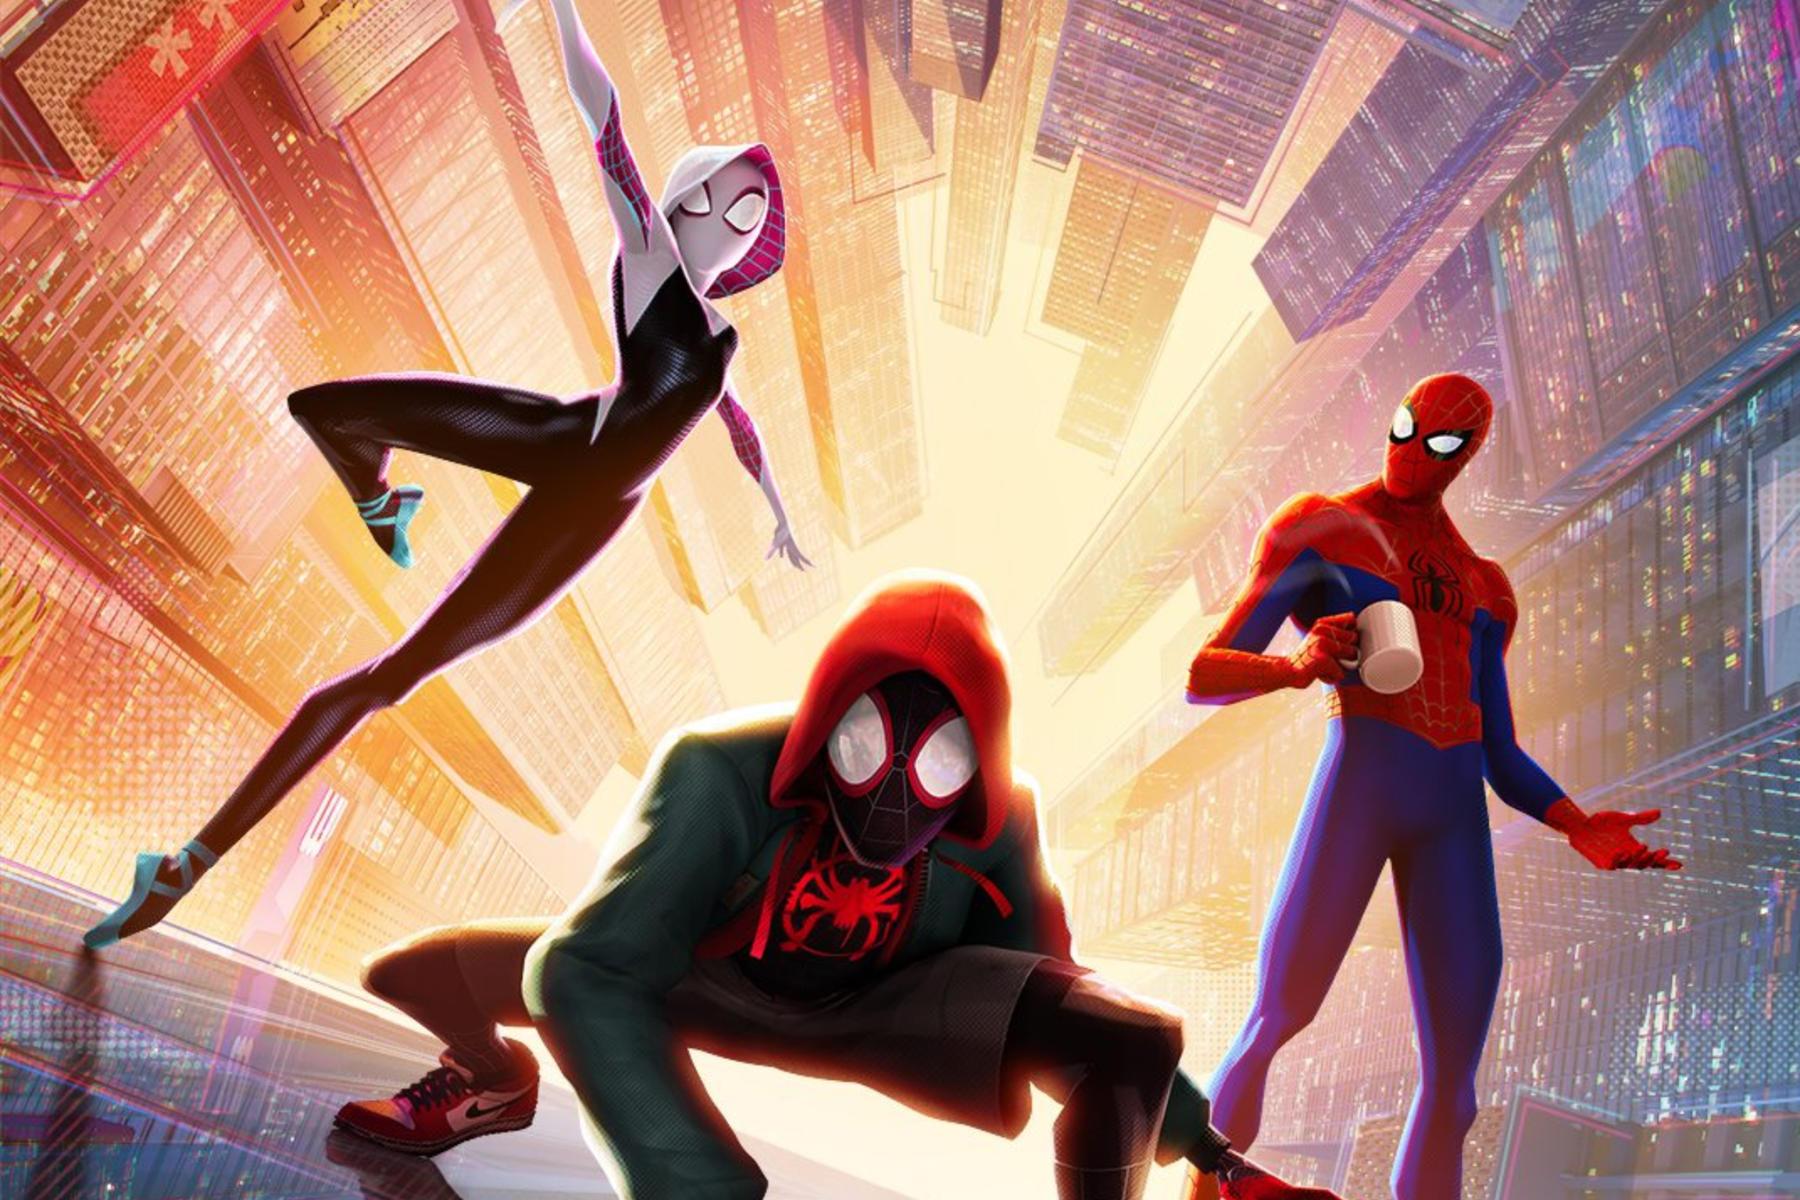 spider-man-into-spider-verse